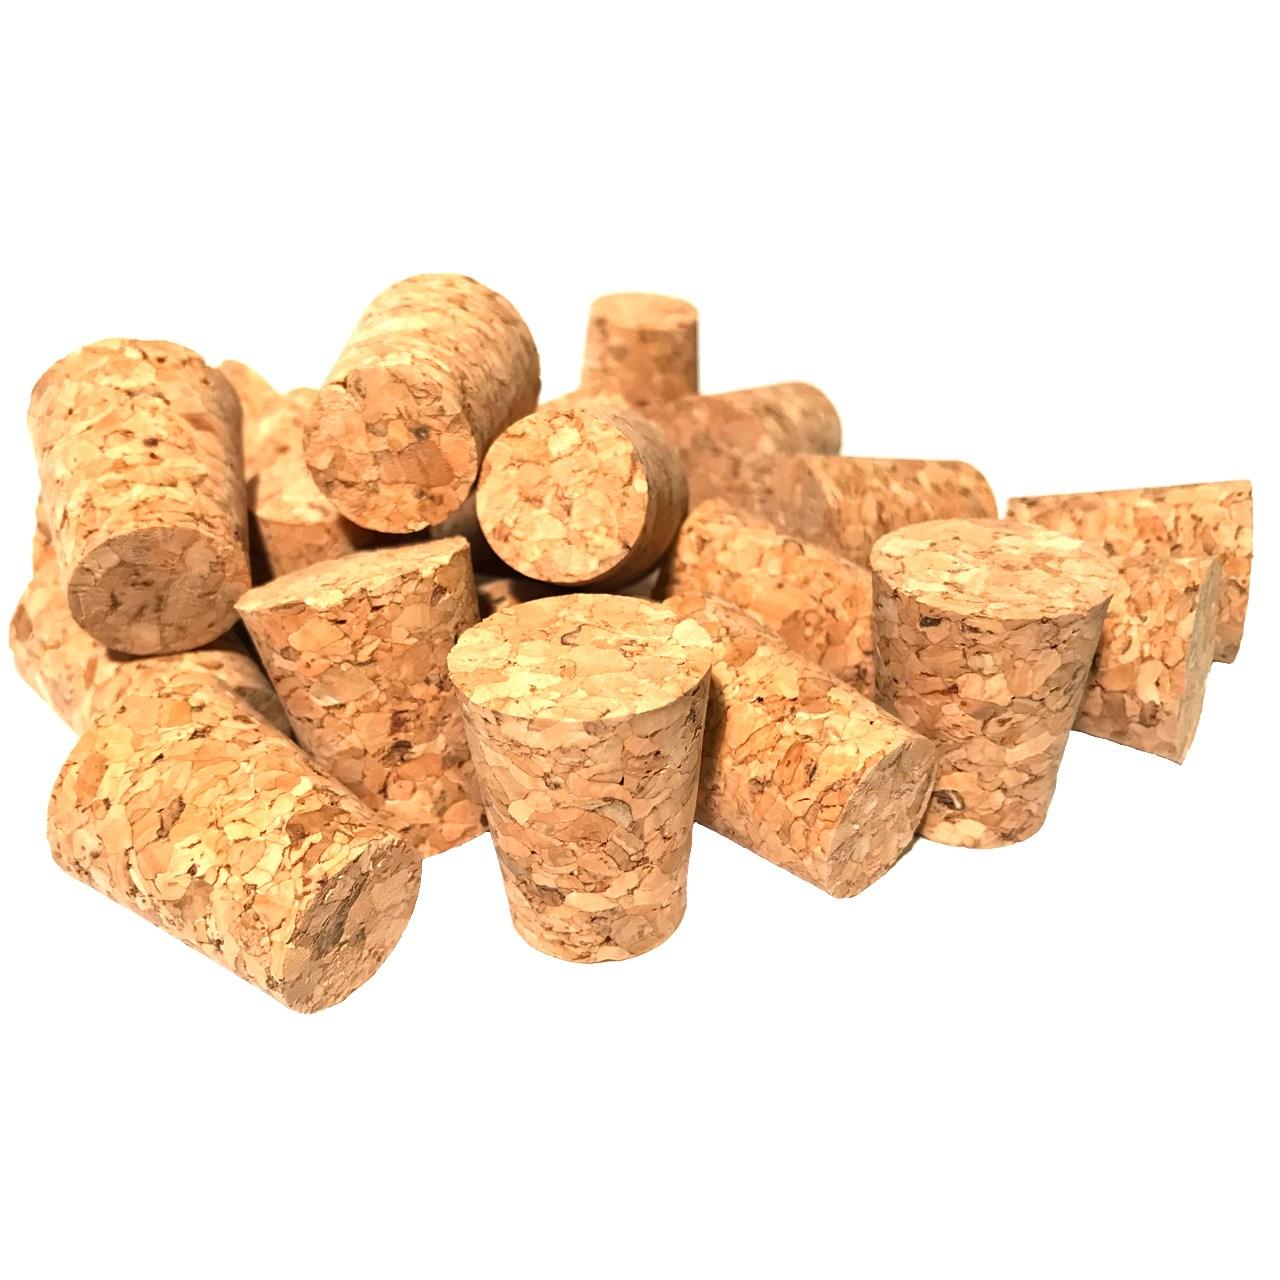 درب بطری چوب پنبه ترکیبی مدل 18-24 - بسته 6 عددی